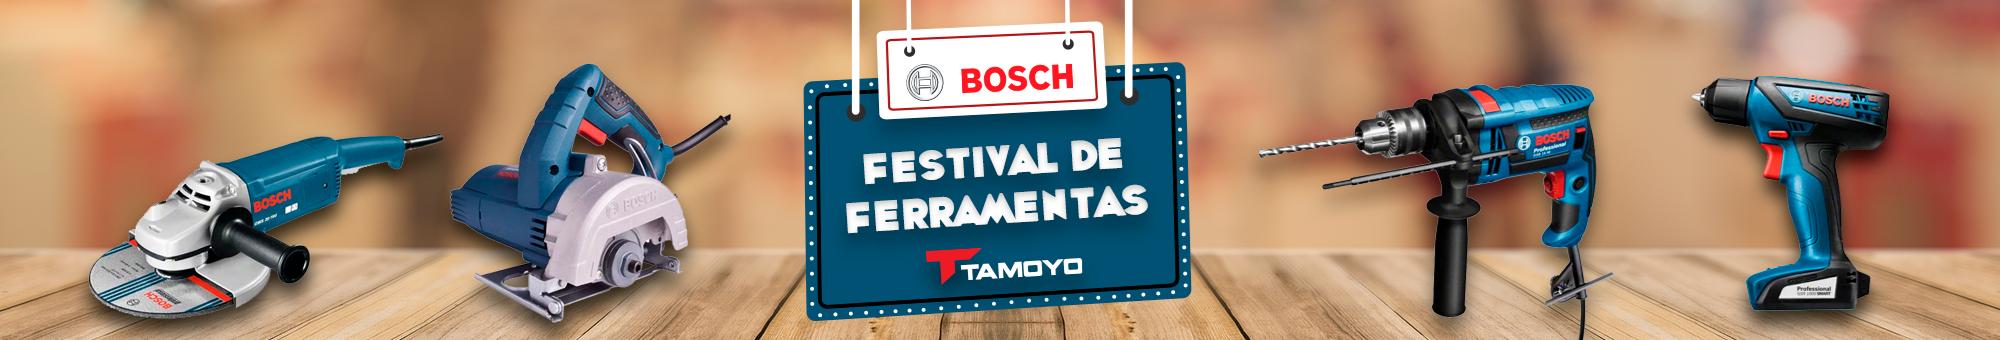 Ferramentas Bosch